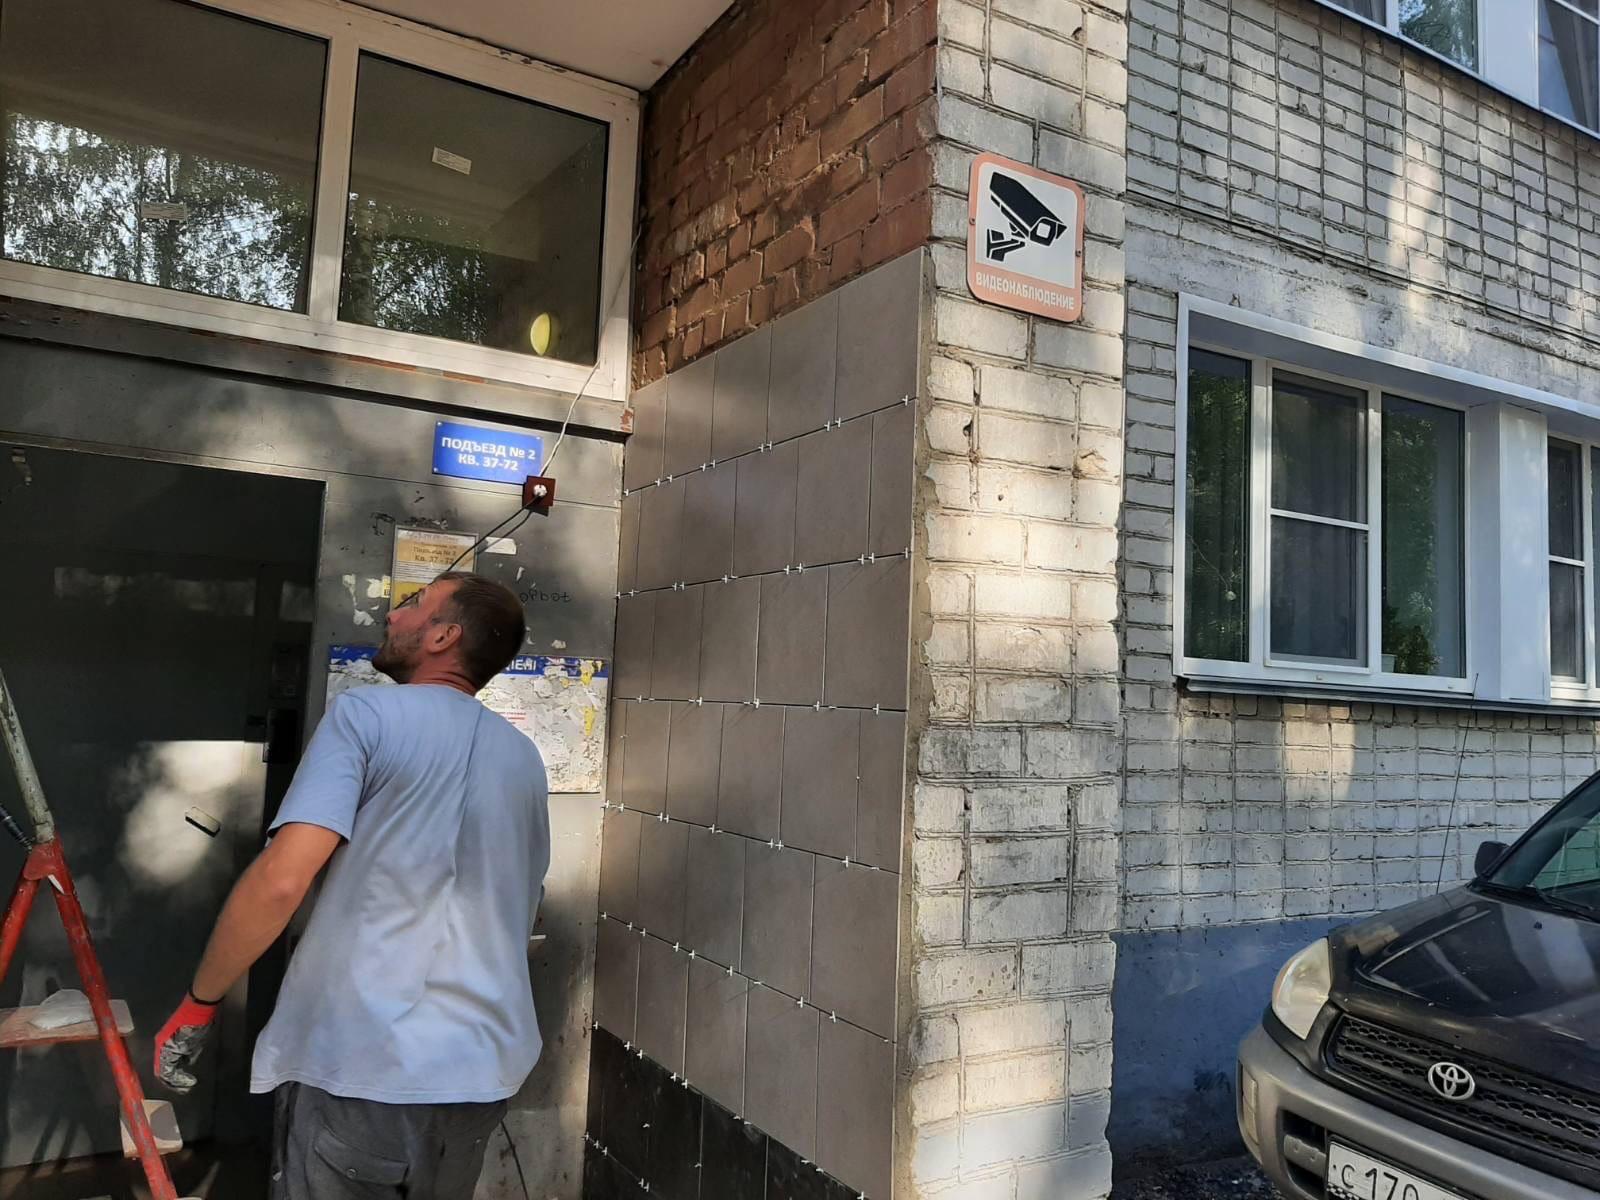 Улица Профсоюзная дом 78. Подрядчик продолжает ремонт